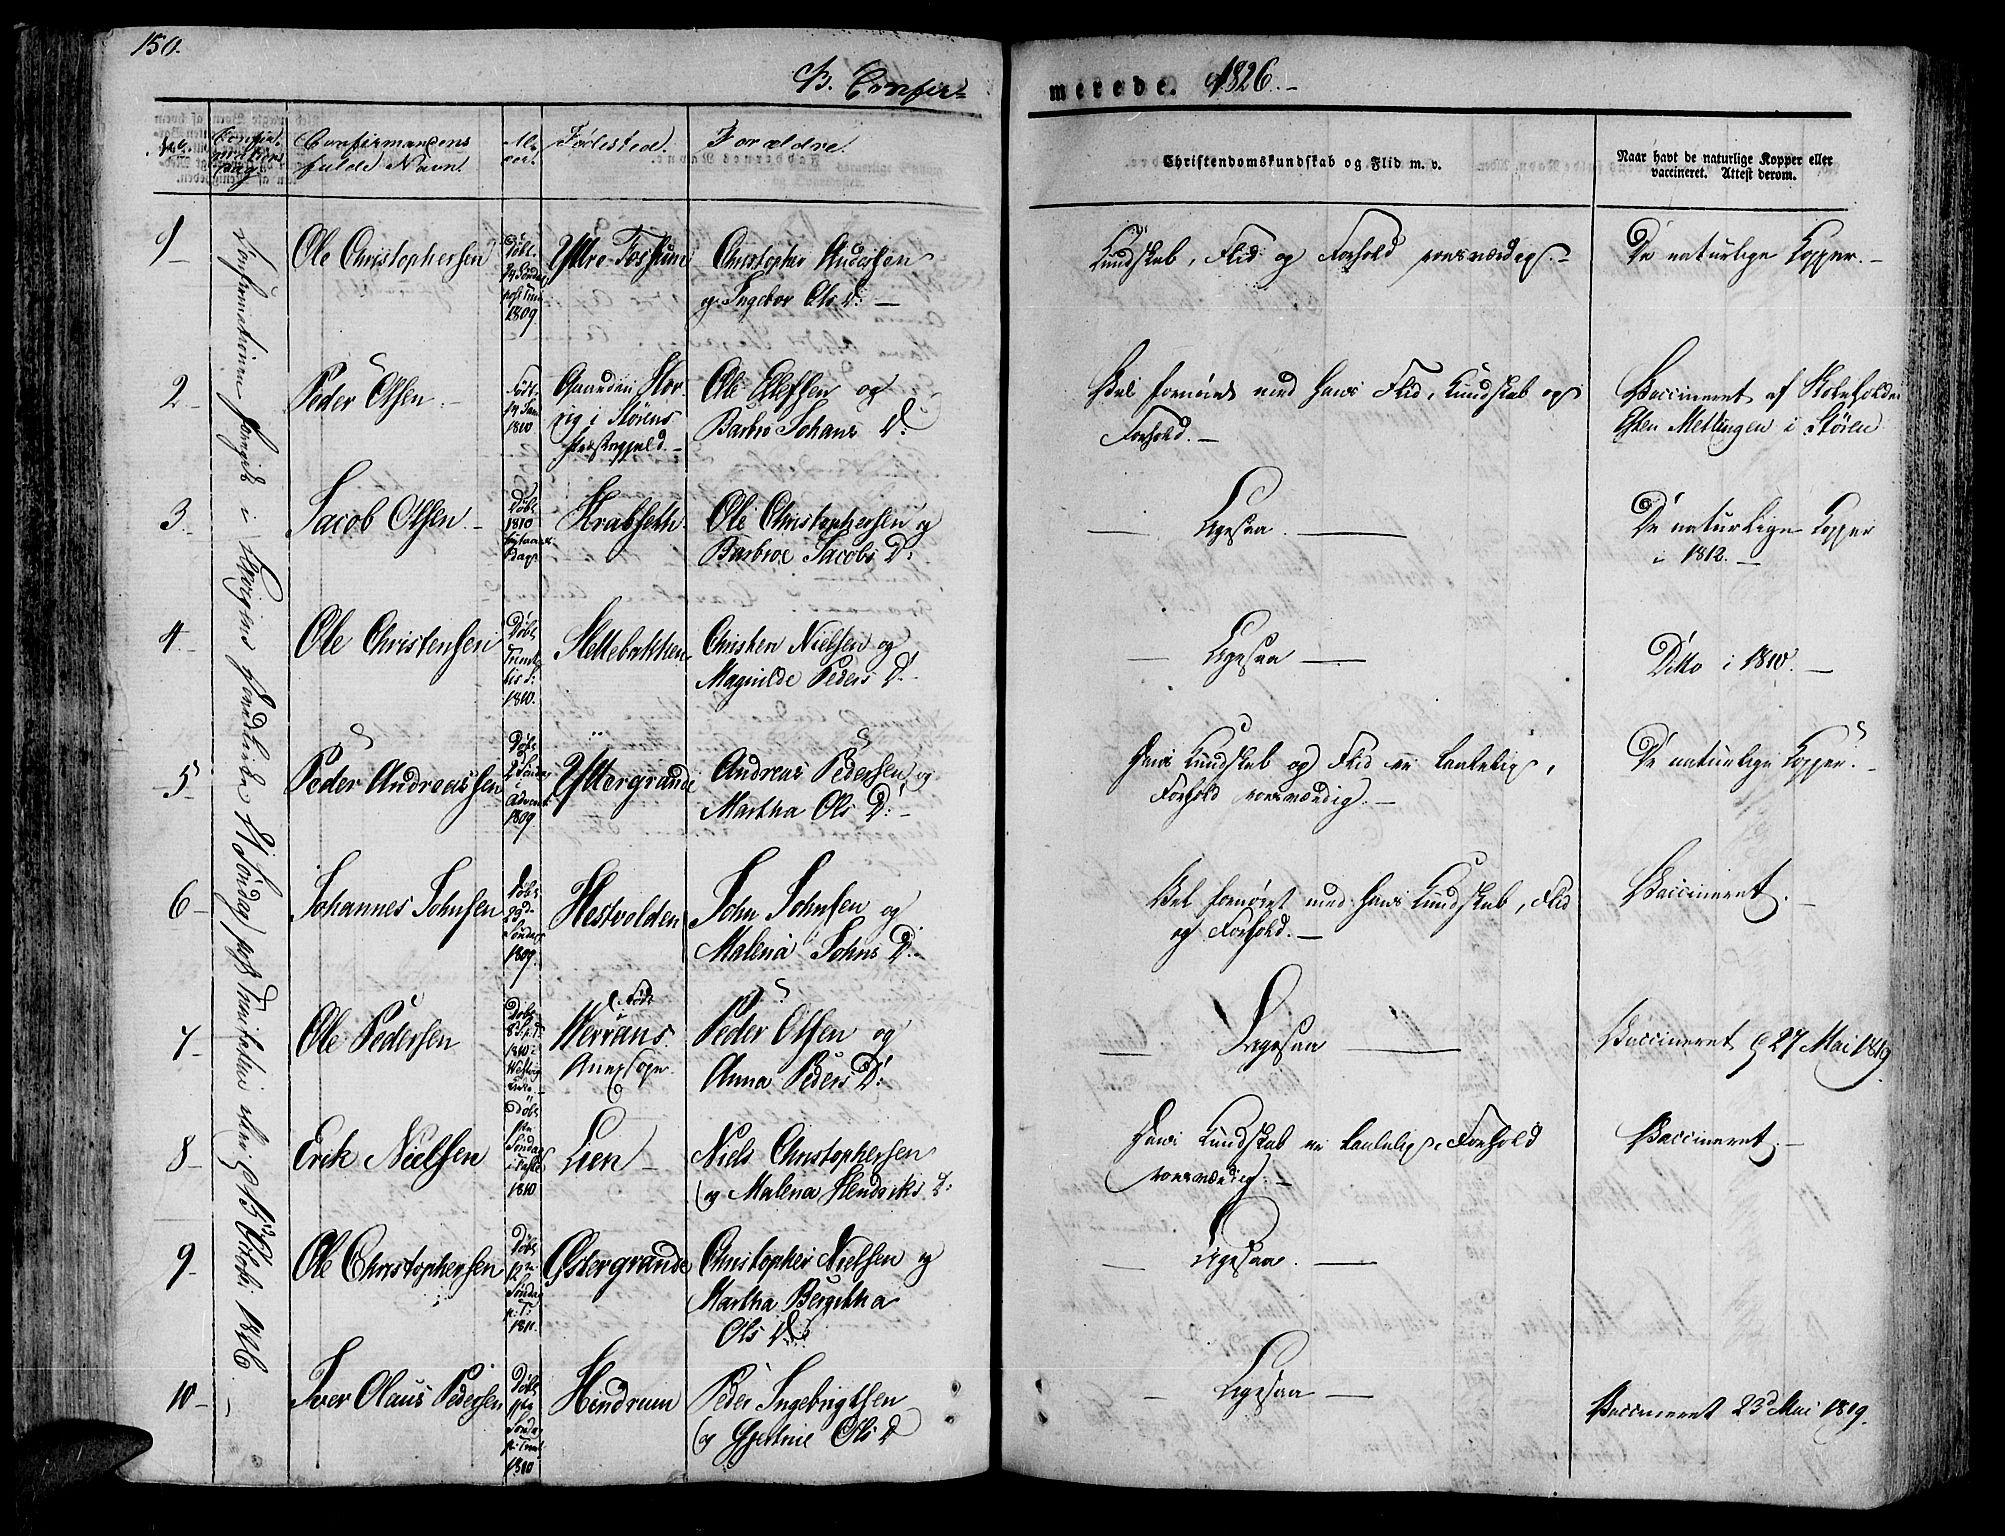 SAT, Ministerialprotokoller, klokkerbøker og fødselsregistre - Nord-Trøndelag, 701/L0006: Ministerialbok nr. 701A06, 1825-1841, s. 150